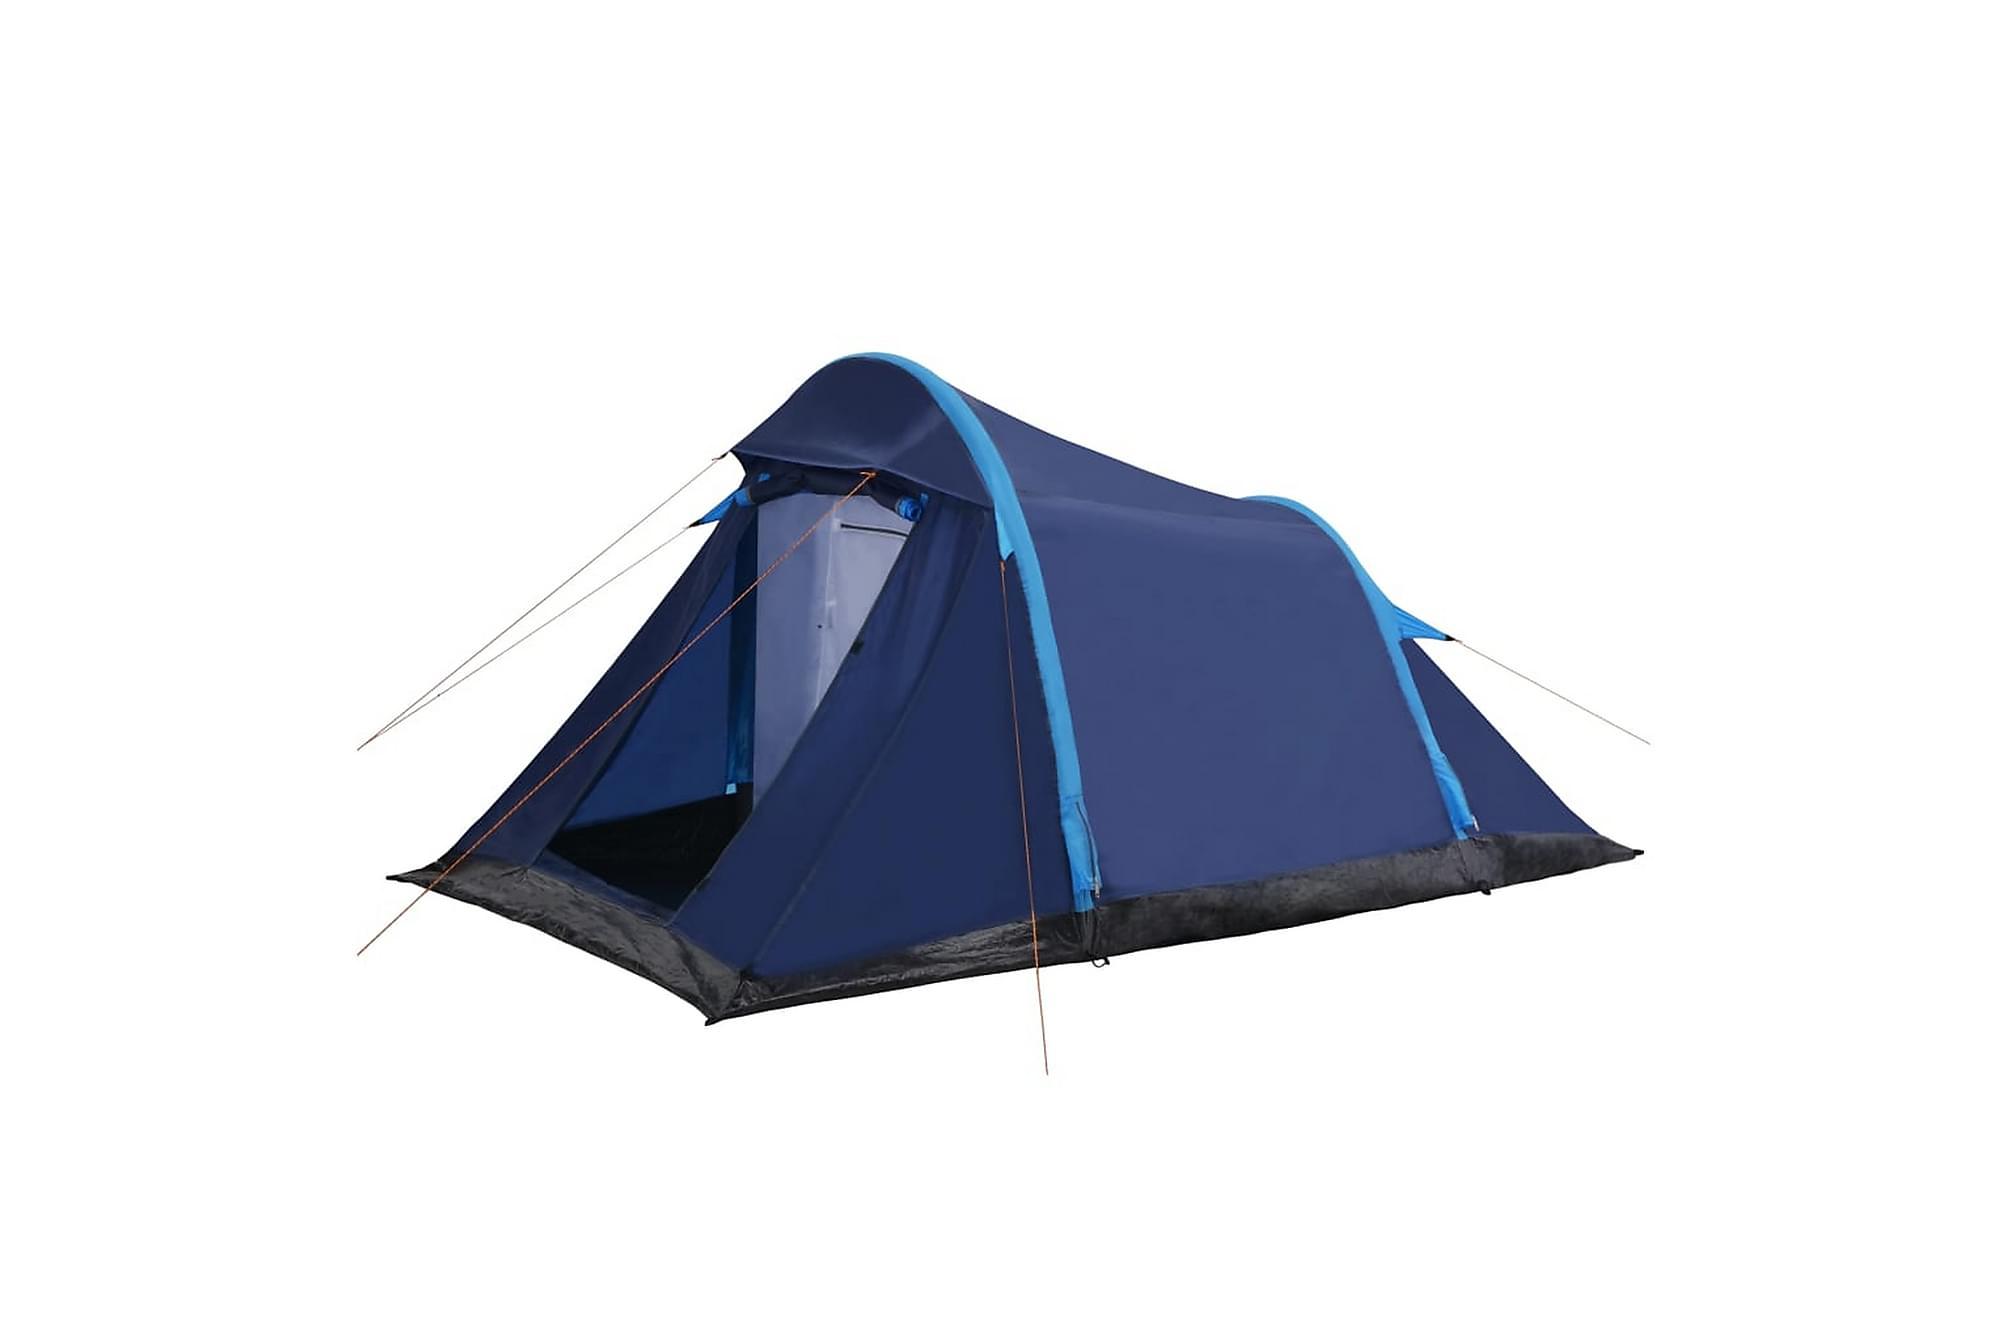 Campingtält med uppblåsbara stänger 320x170x150/110 cm blå, Partytält